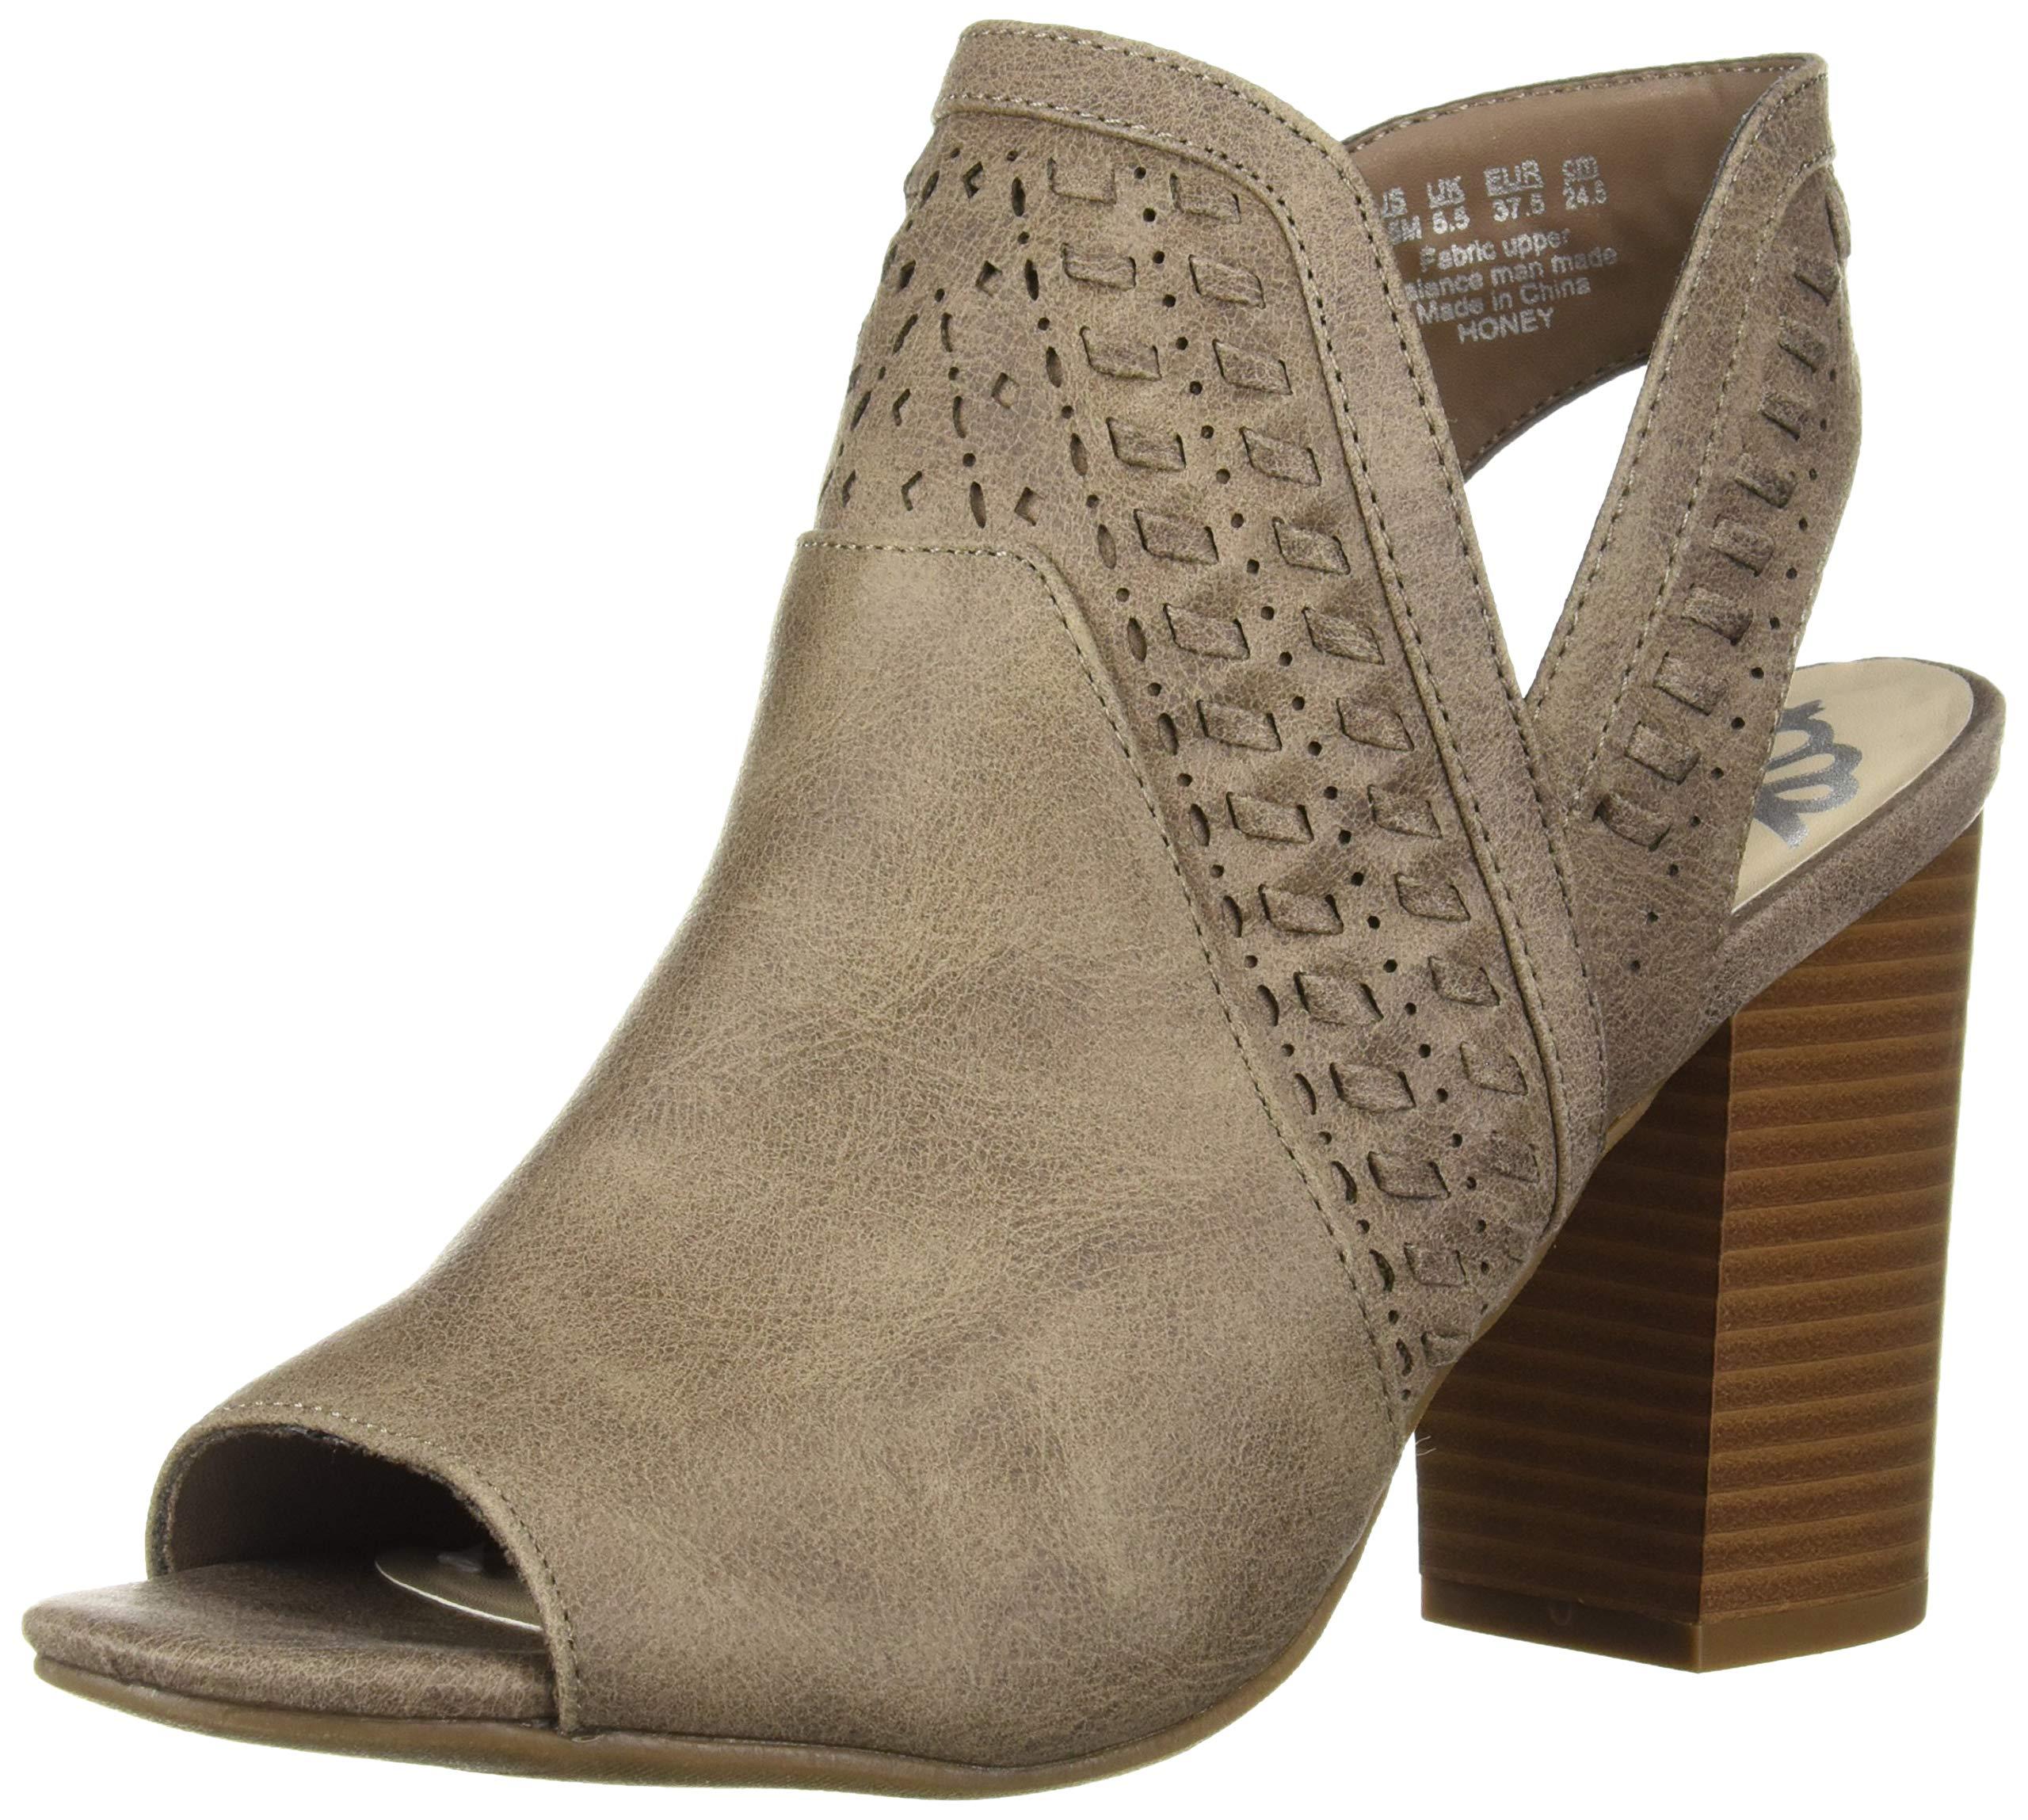 Fergalicious Women's Honey Heeled Sandal, DOE, 8 M US by Fergalicious